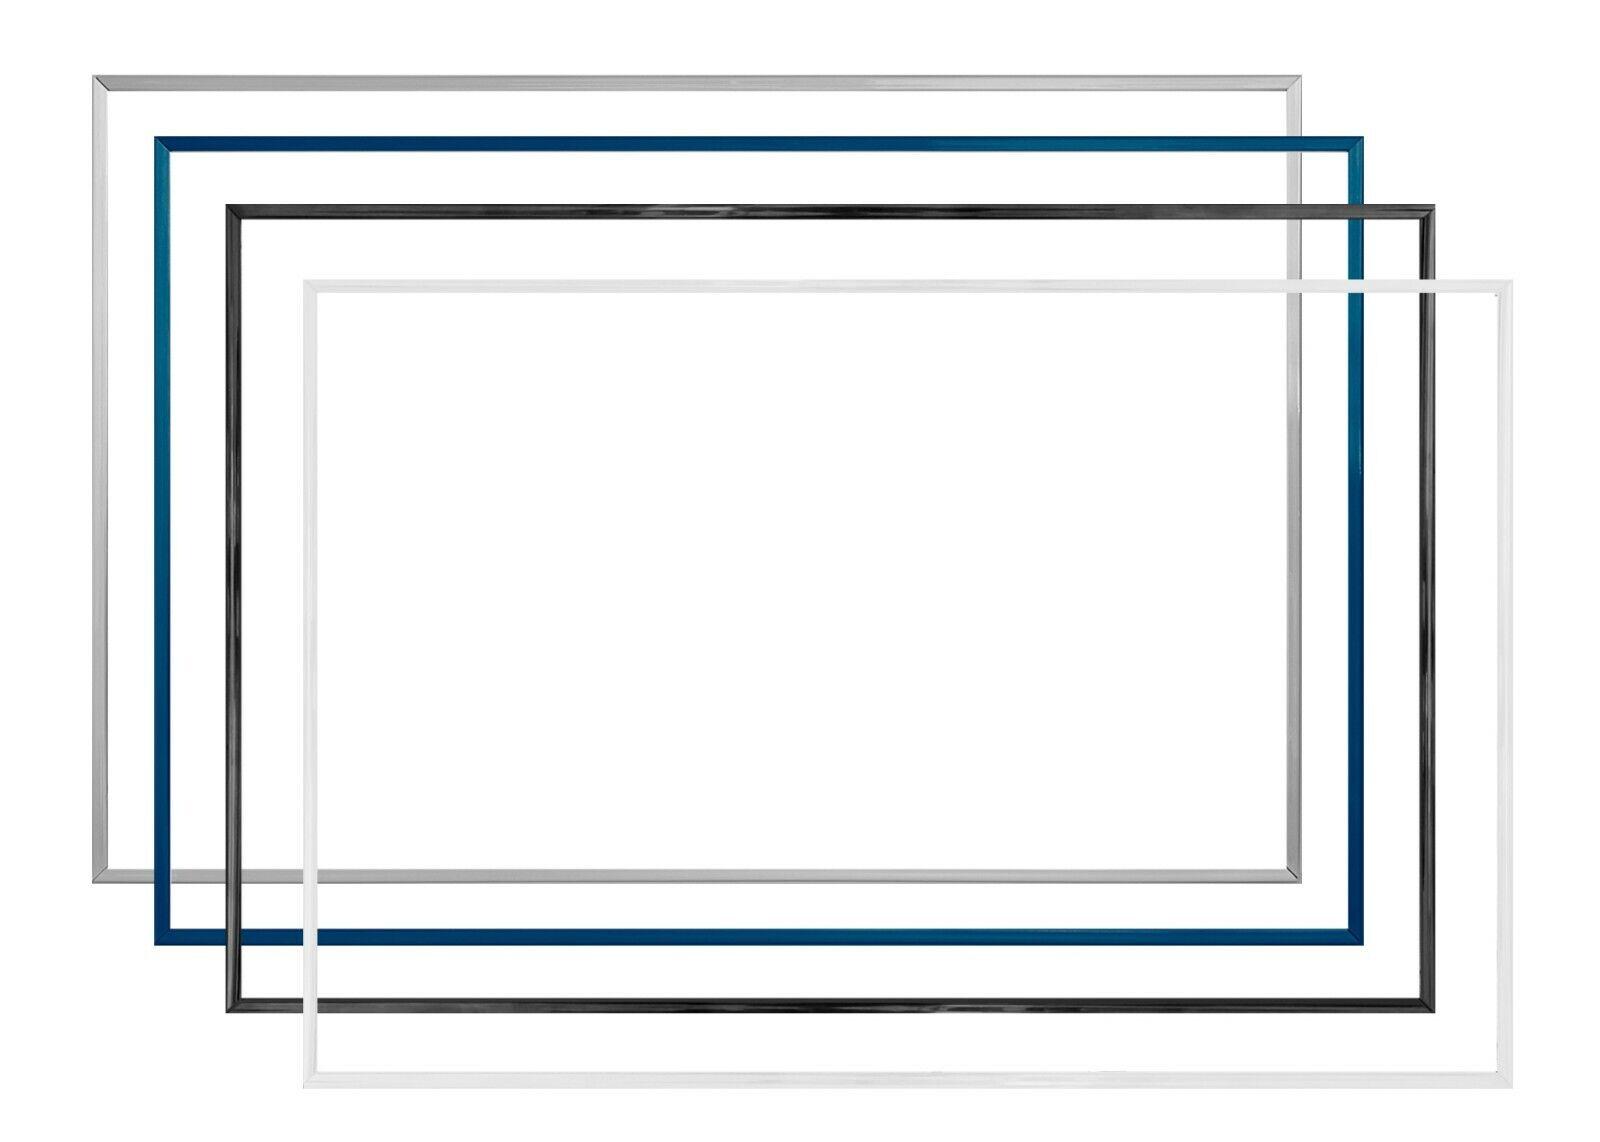 Komplette Kunststoff-Bilderrahmen TEXAS 30 x 70 cm mit Paket-Sonderpreisen